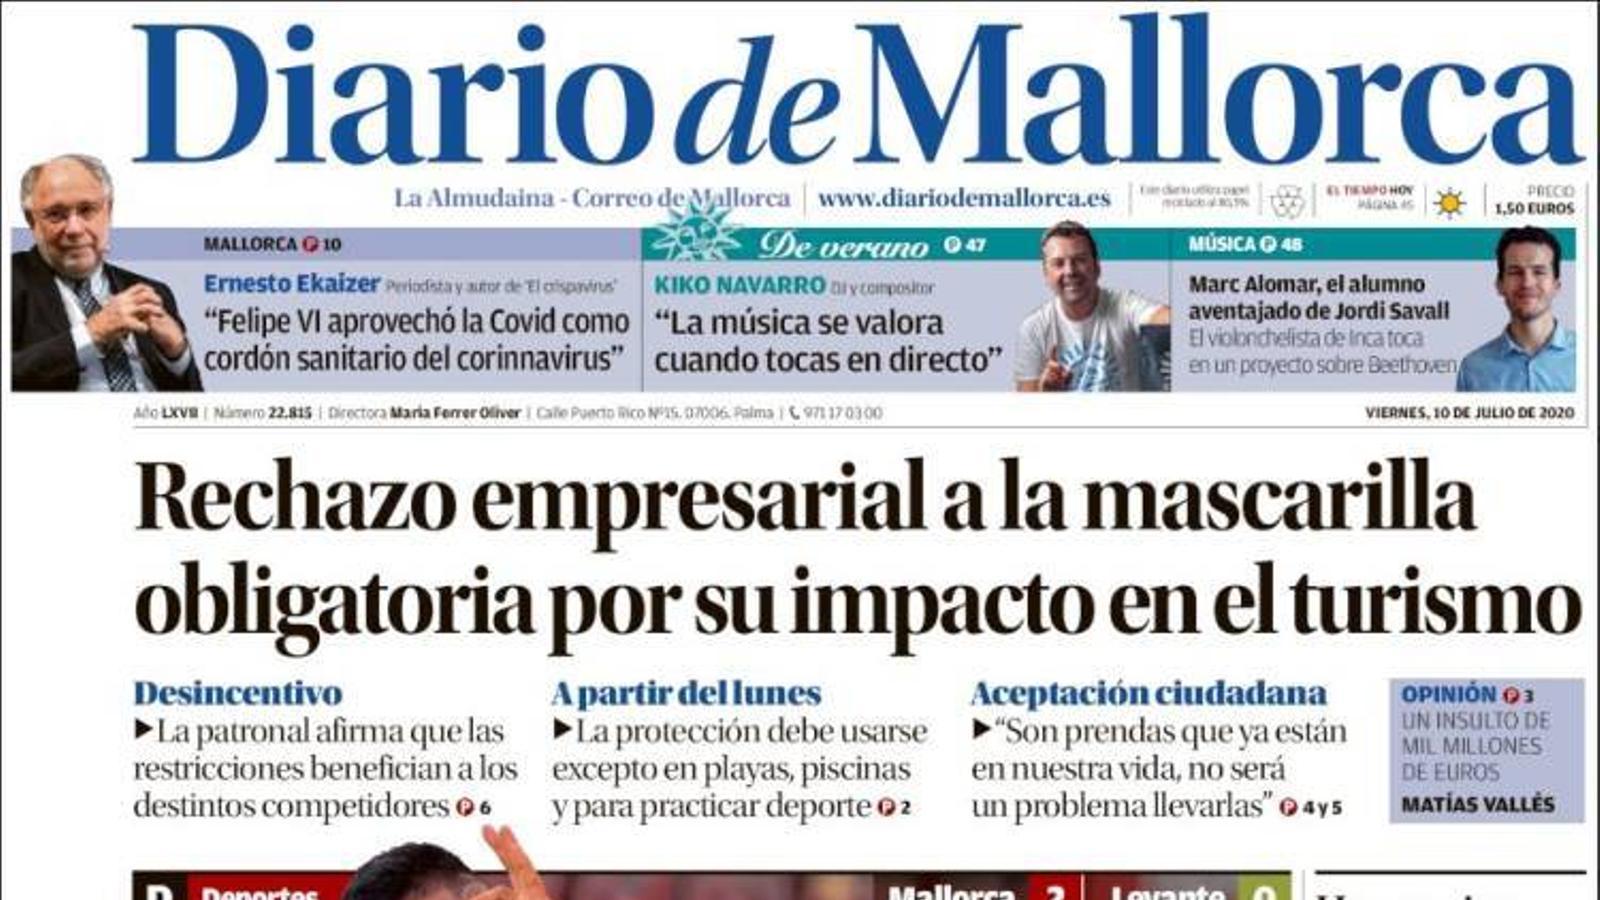 """""""Rebuig empresarial a la mascareta obligatòria pel seu impacte en el turisme"""", portada de 'Diario de Mallorca'"""